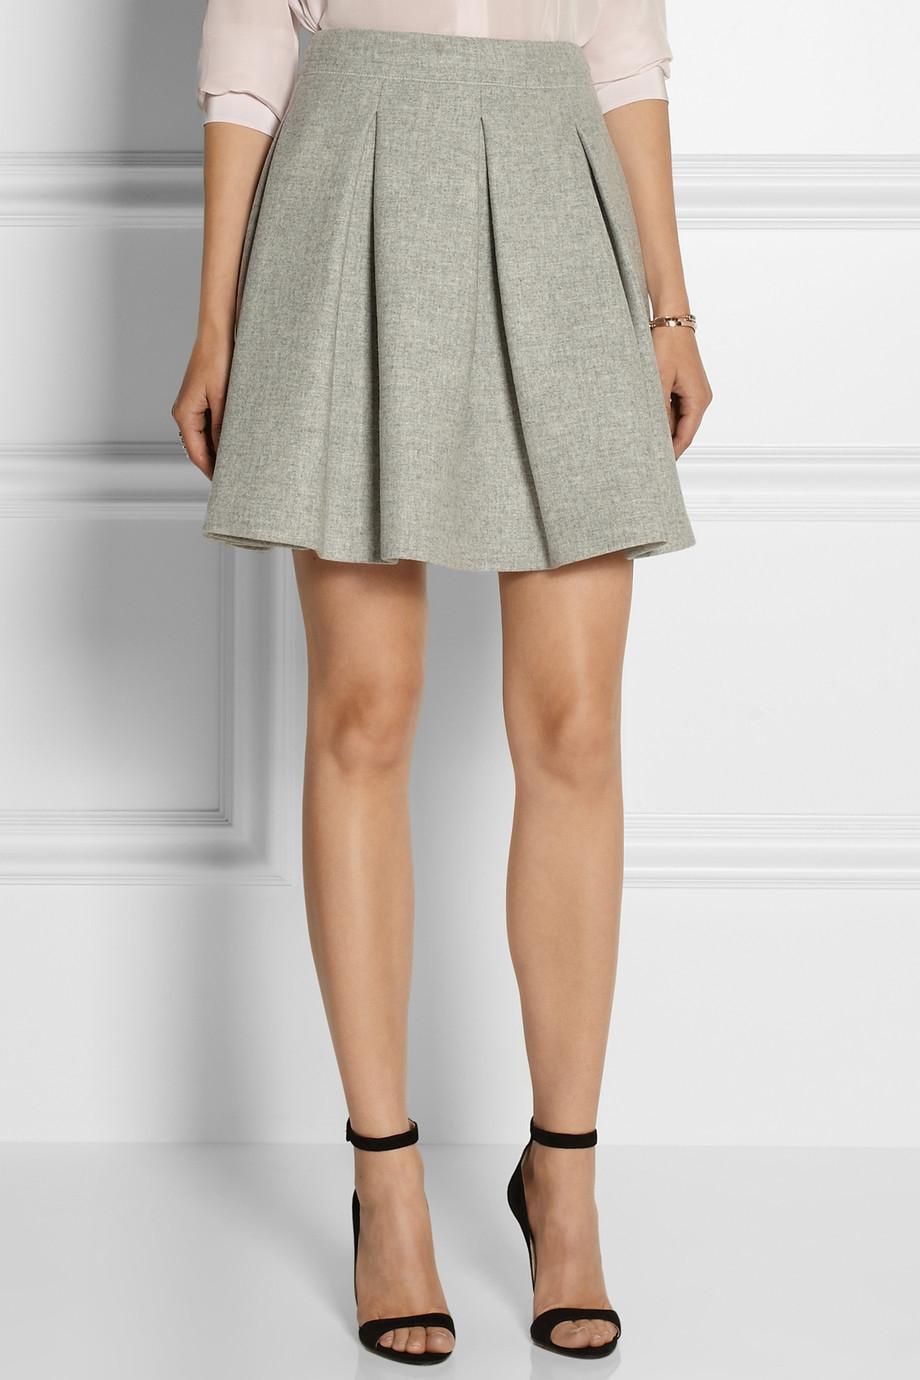 Miu miu Pleated Wool Mini Skirt in Gray   Lyst